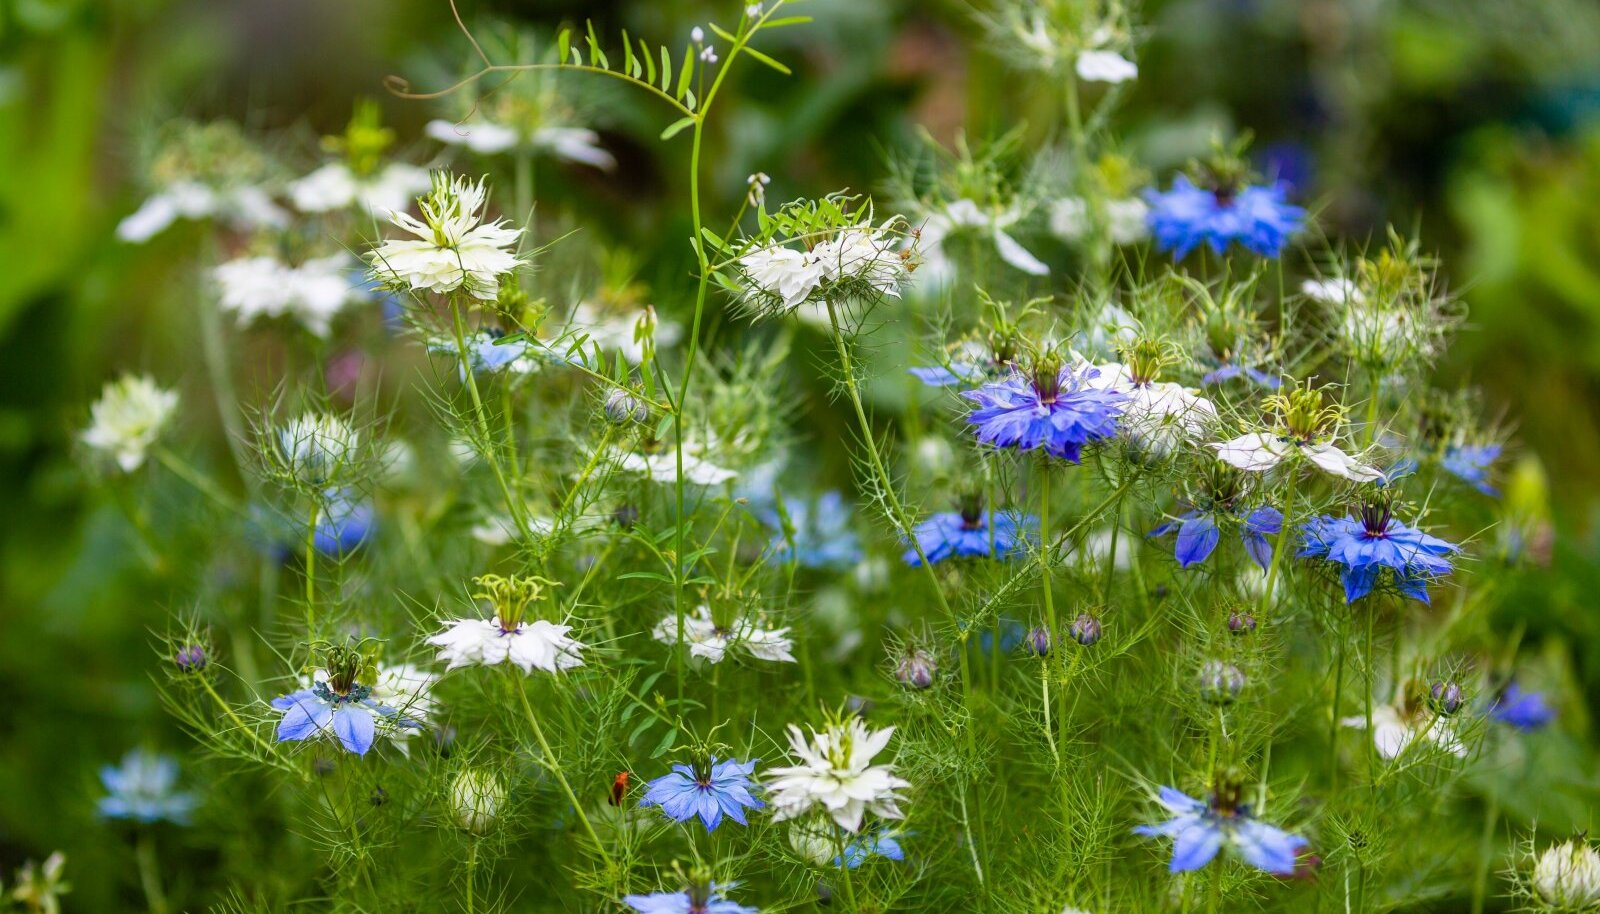 Õrnade õitega mustköömnet võib suvelillena kasvatada nii aias kui amplis või rõdukastis.